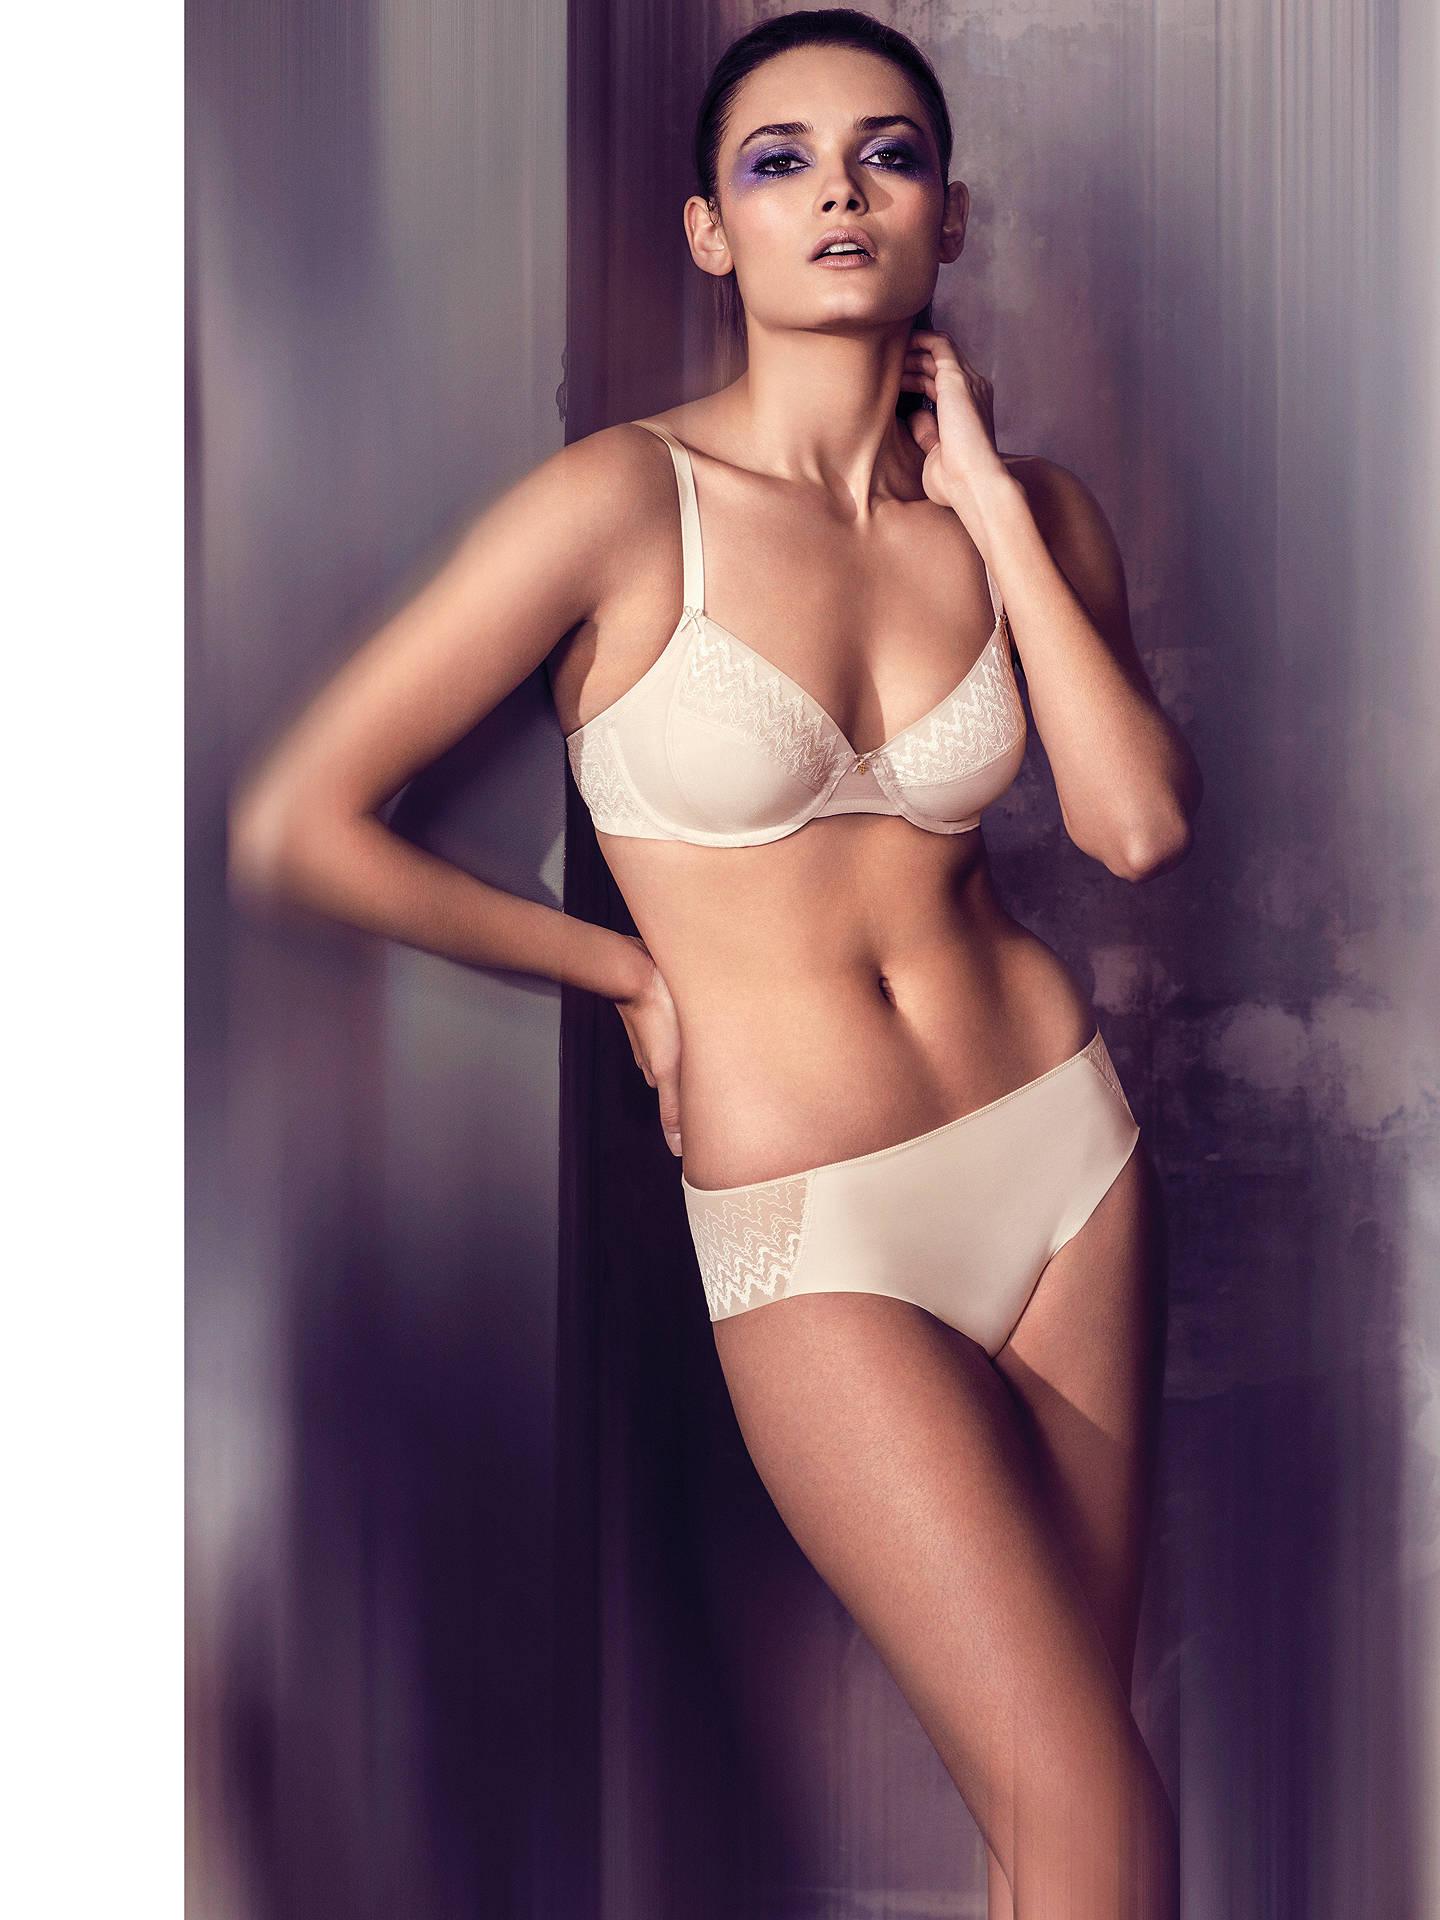 Ursula Strauss Nude Photos